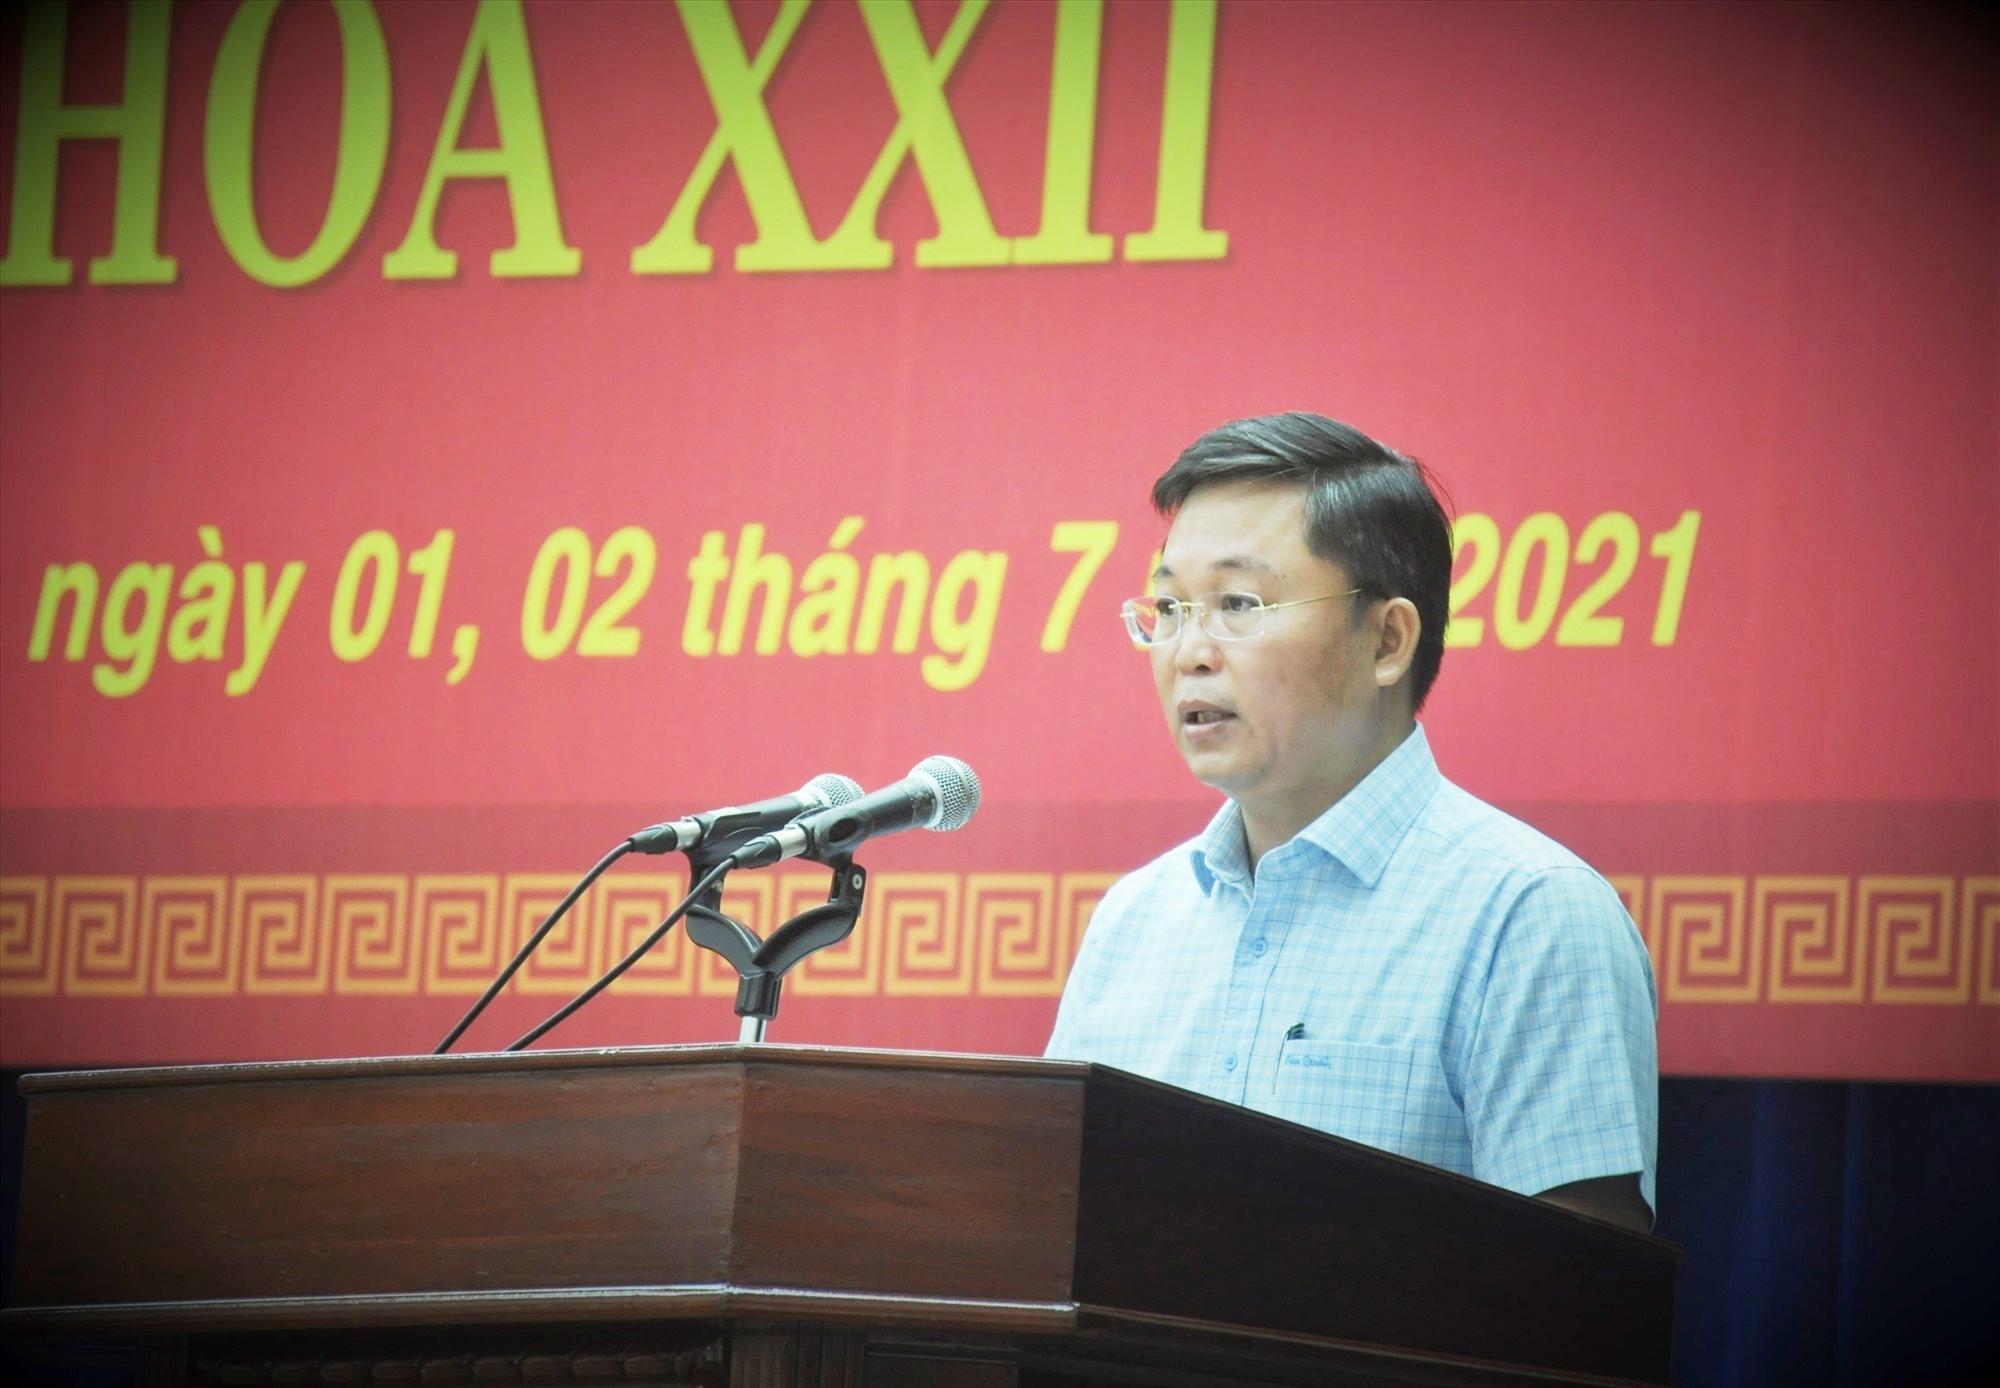 Phó Bí thư Tỉnh ủy, Chủ tịch UBND tỉnh Lê Trí Thanh trình bày báo cáo tổng kết 5 năm thực hiện Nghị quyết 05 của Tỉnh ủy. Ảnh: A.N